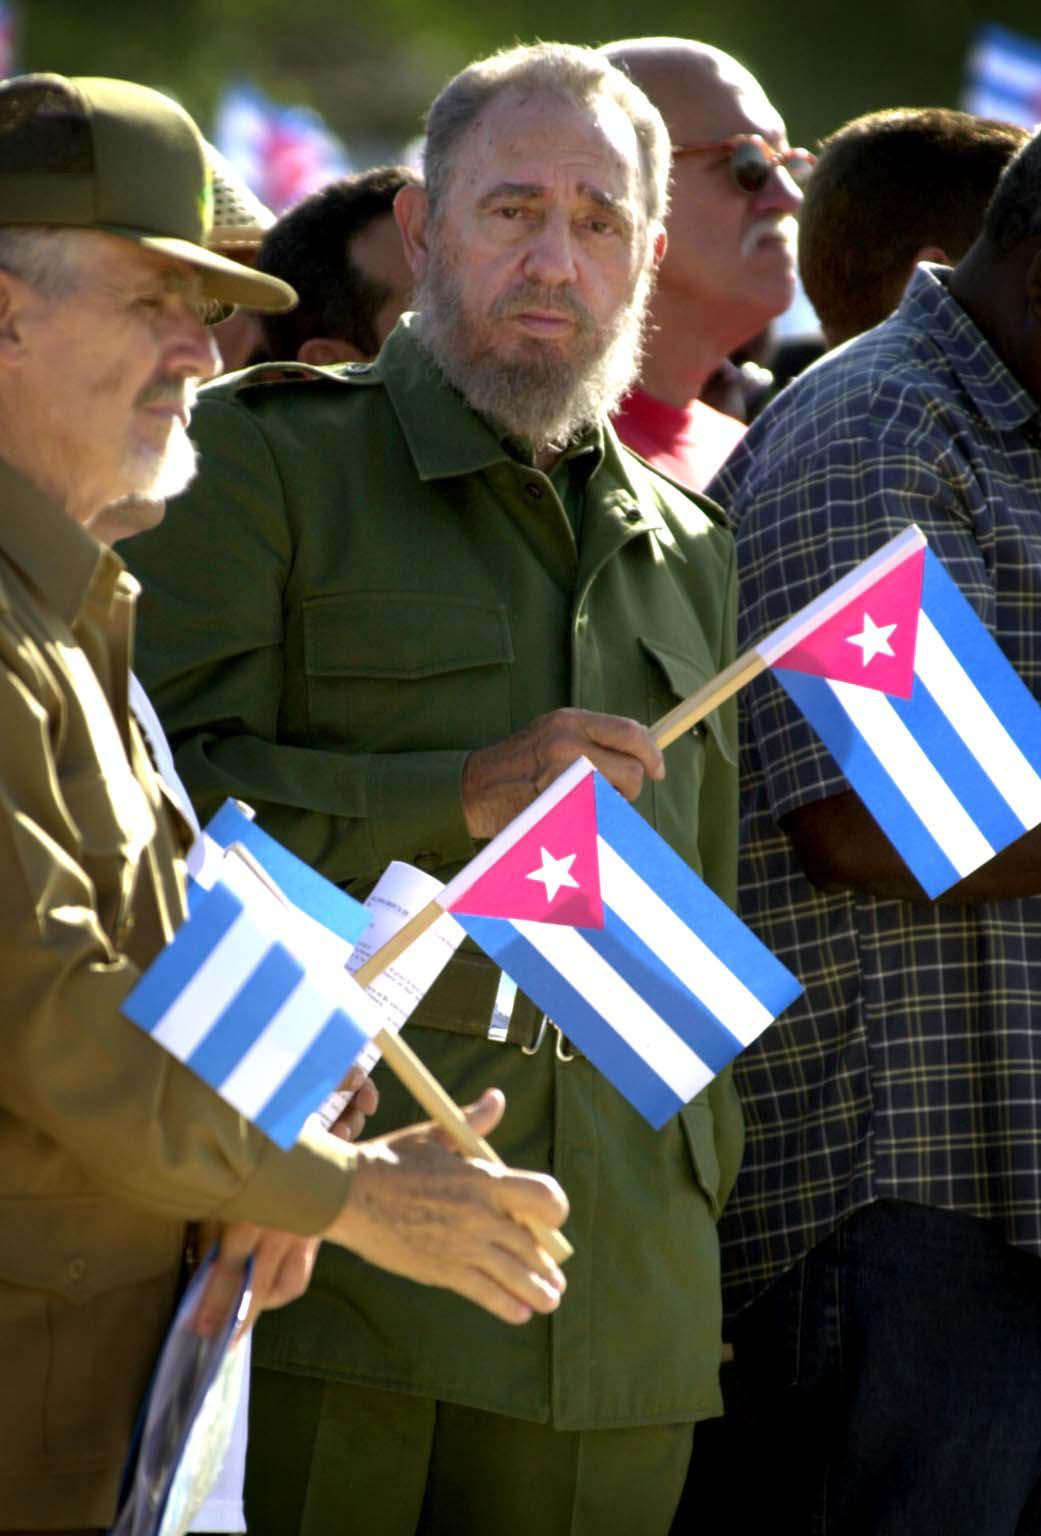 Obituary for Fidel Castro